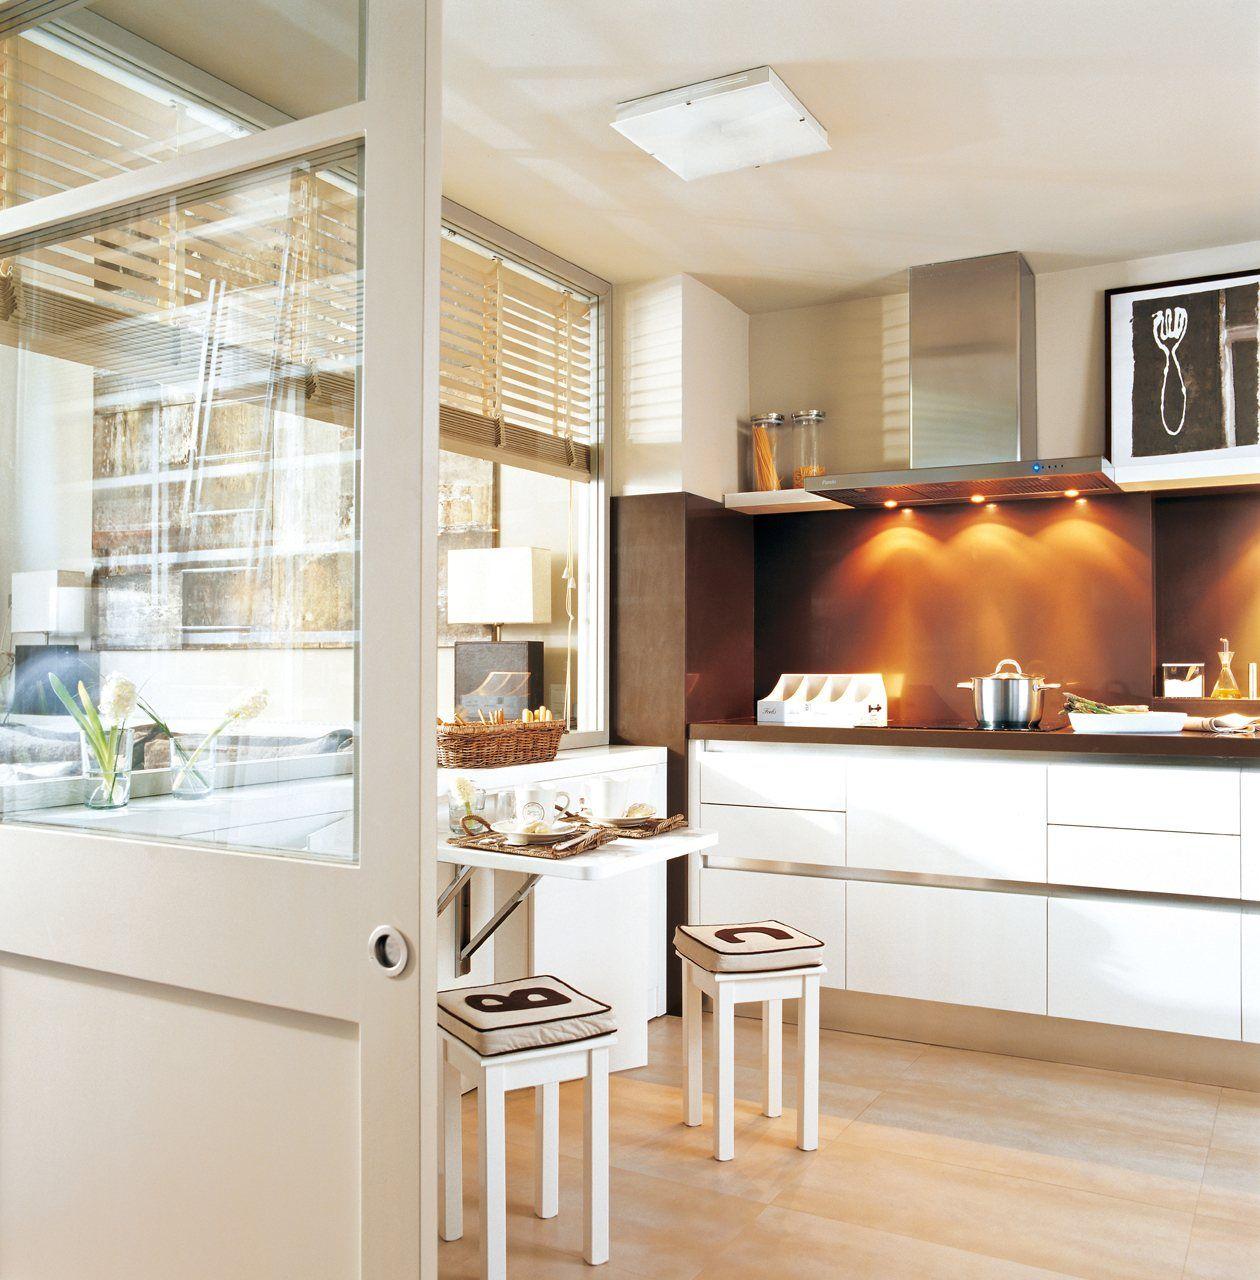 15 cocinas pequeñas ¡y muy bonitas! | Cocina pequeña, Fotos de ...